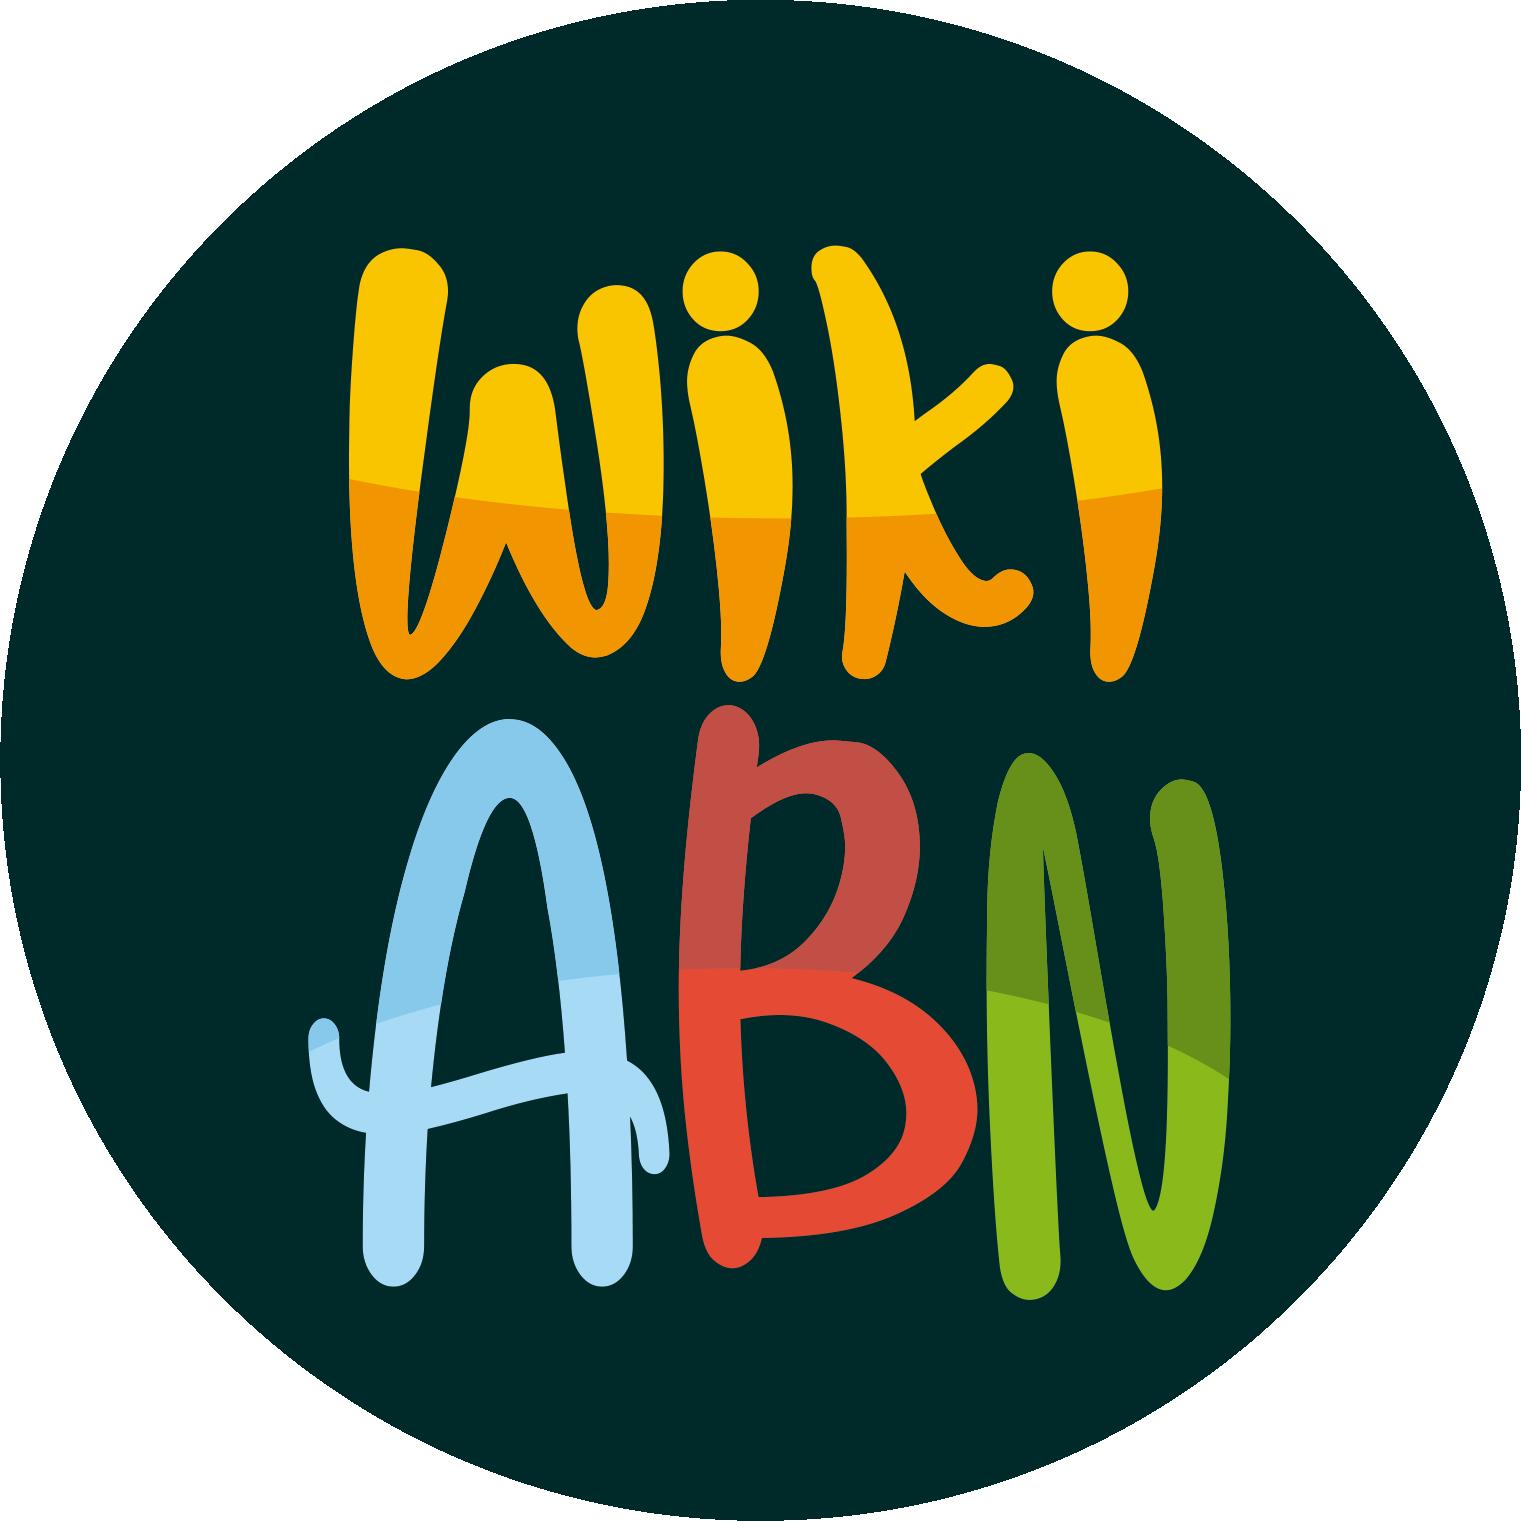 WikiAbn